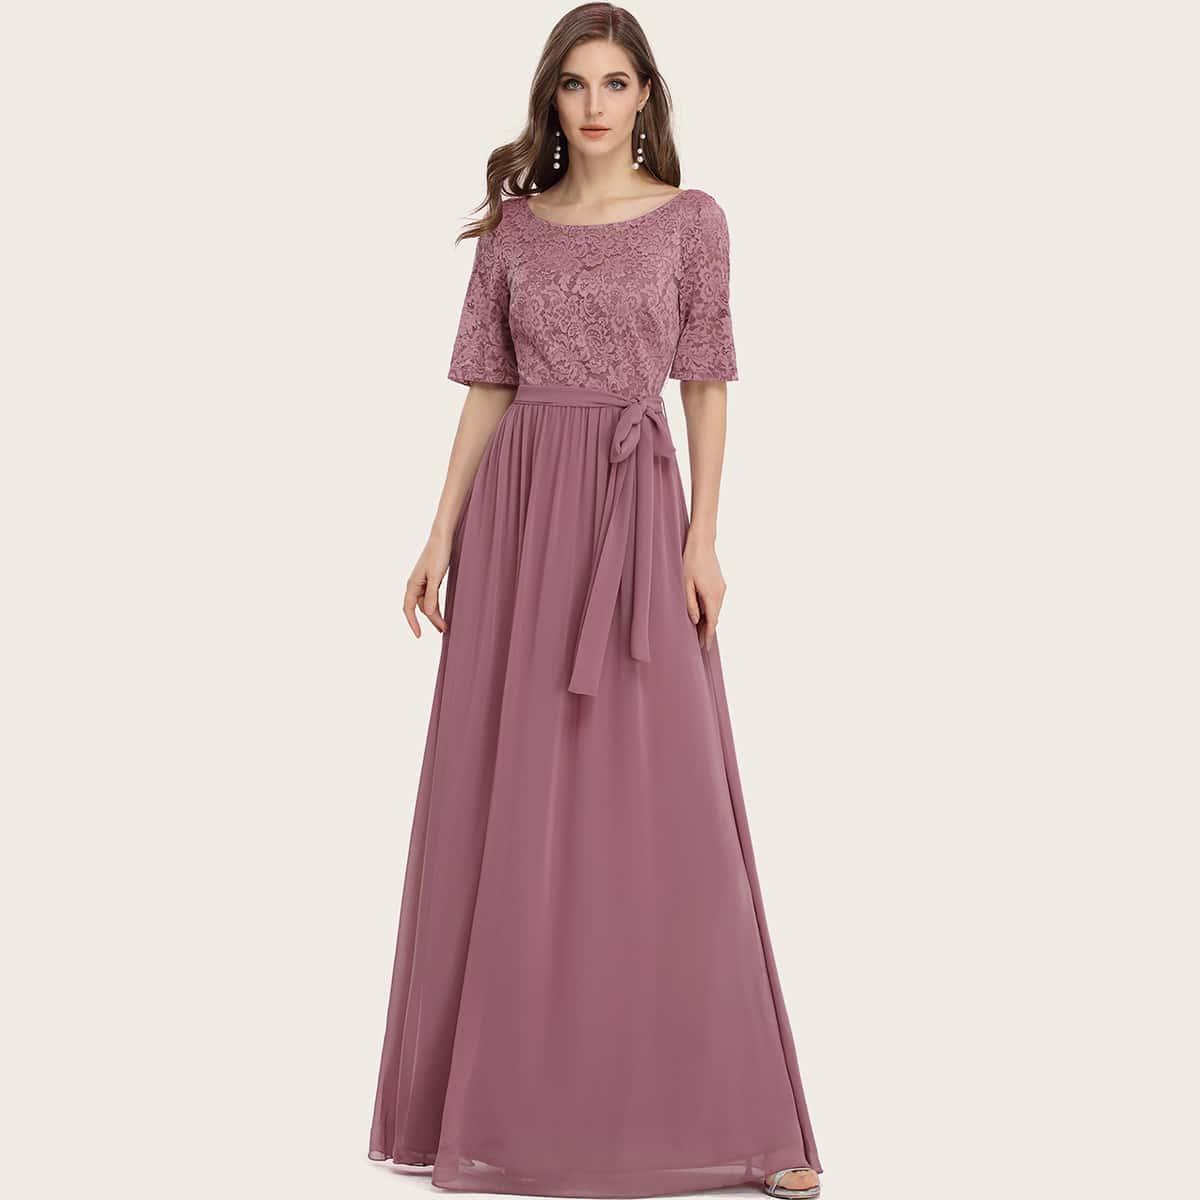 Шифоновое платье с поясом и кружевной отделкой